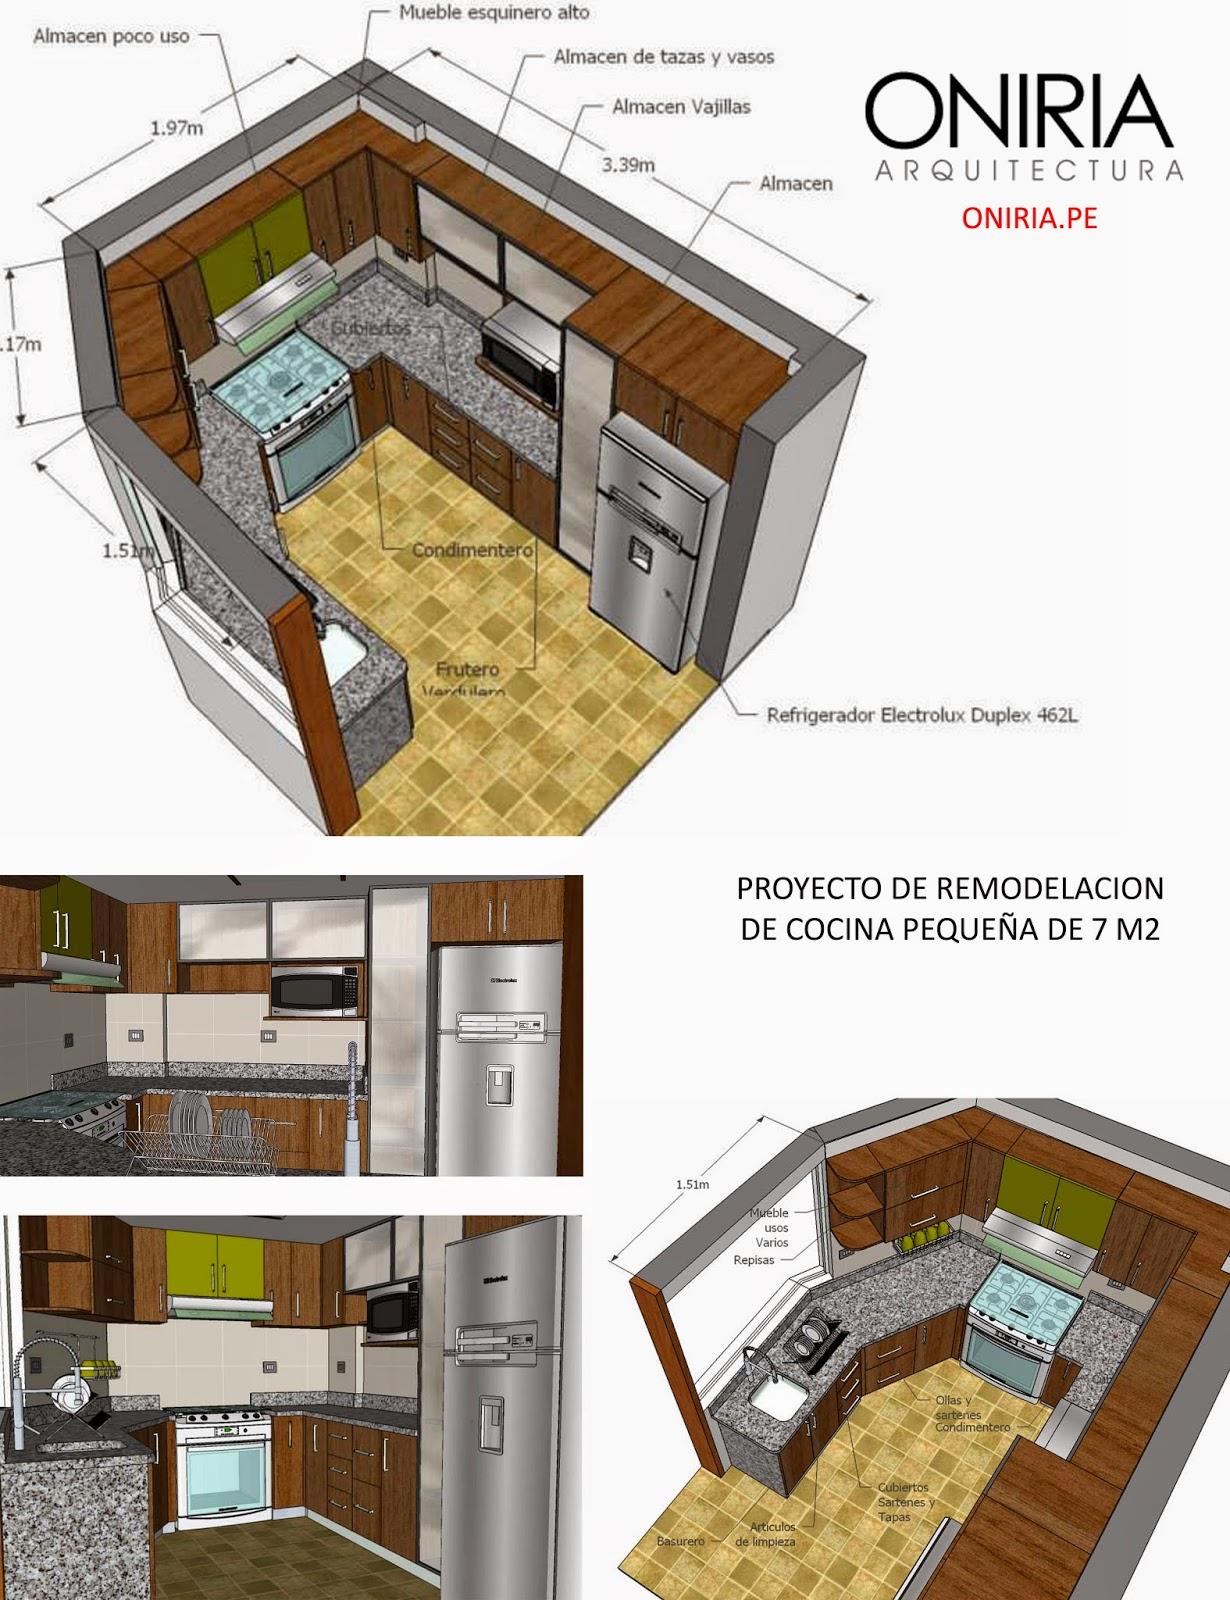 Cristian Campos Proyecto De Remodelacion De Cocina